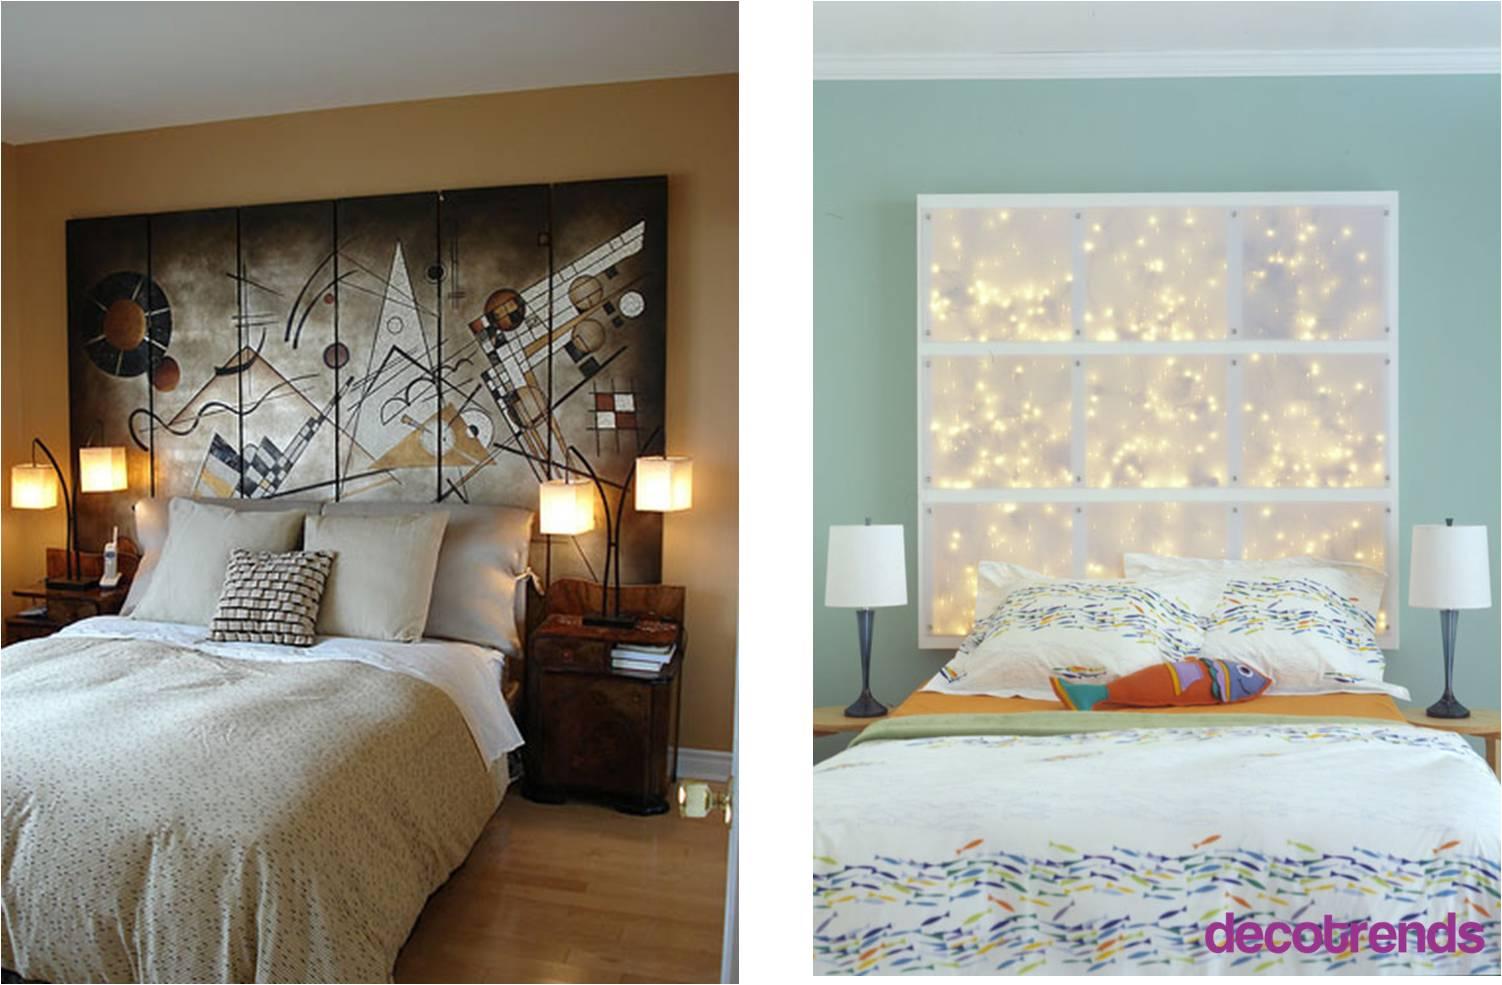 Yatak başı için yaratıcı dekorasyon fikirleri